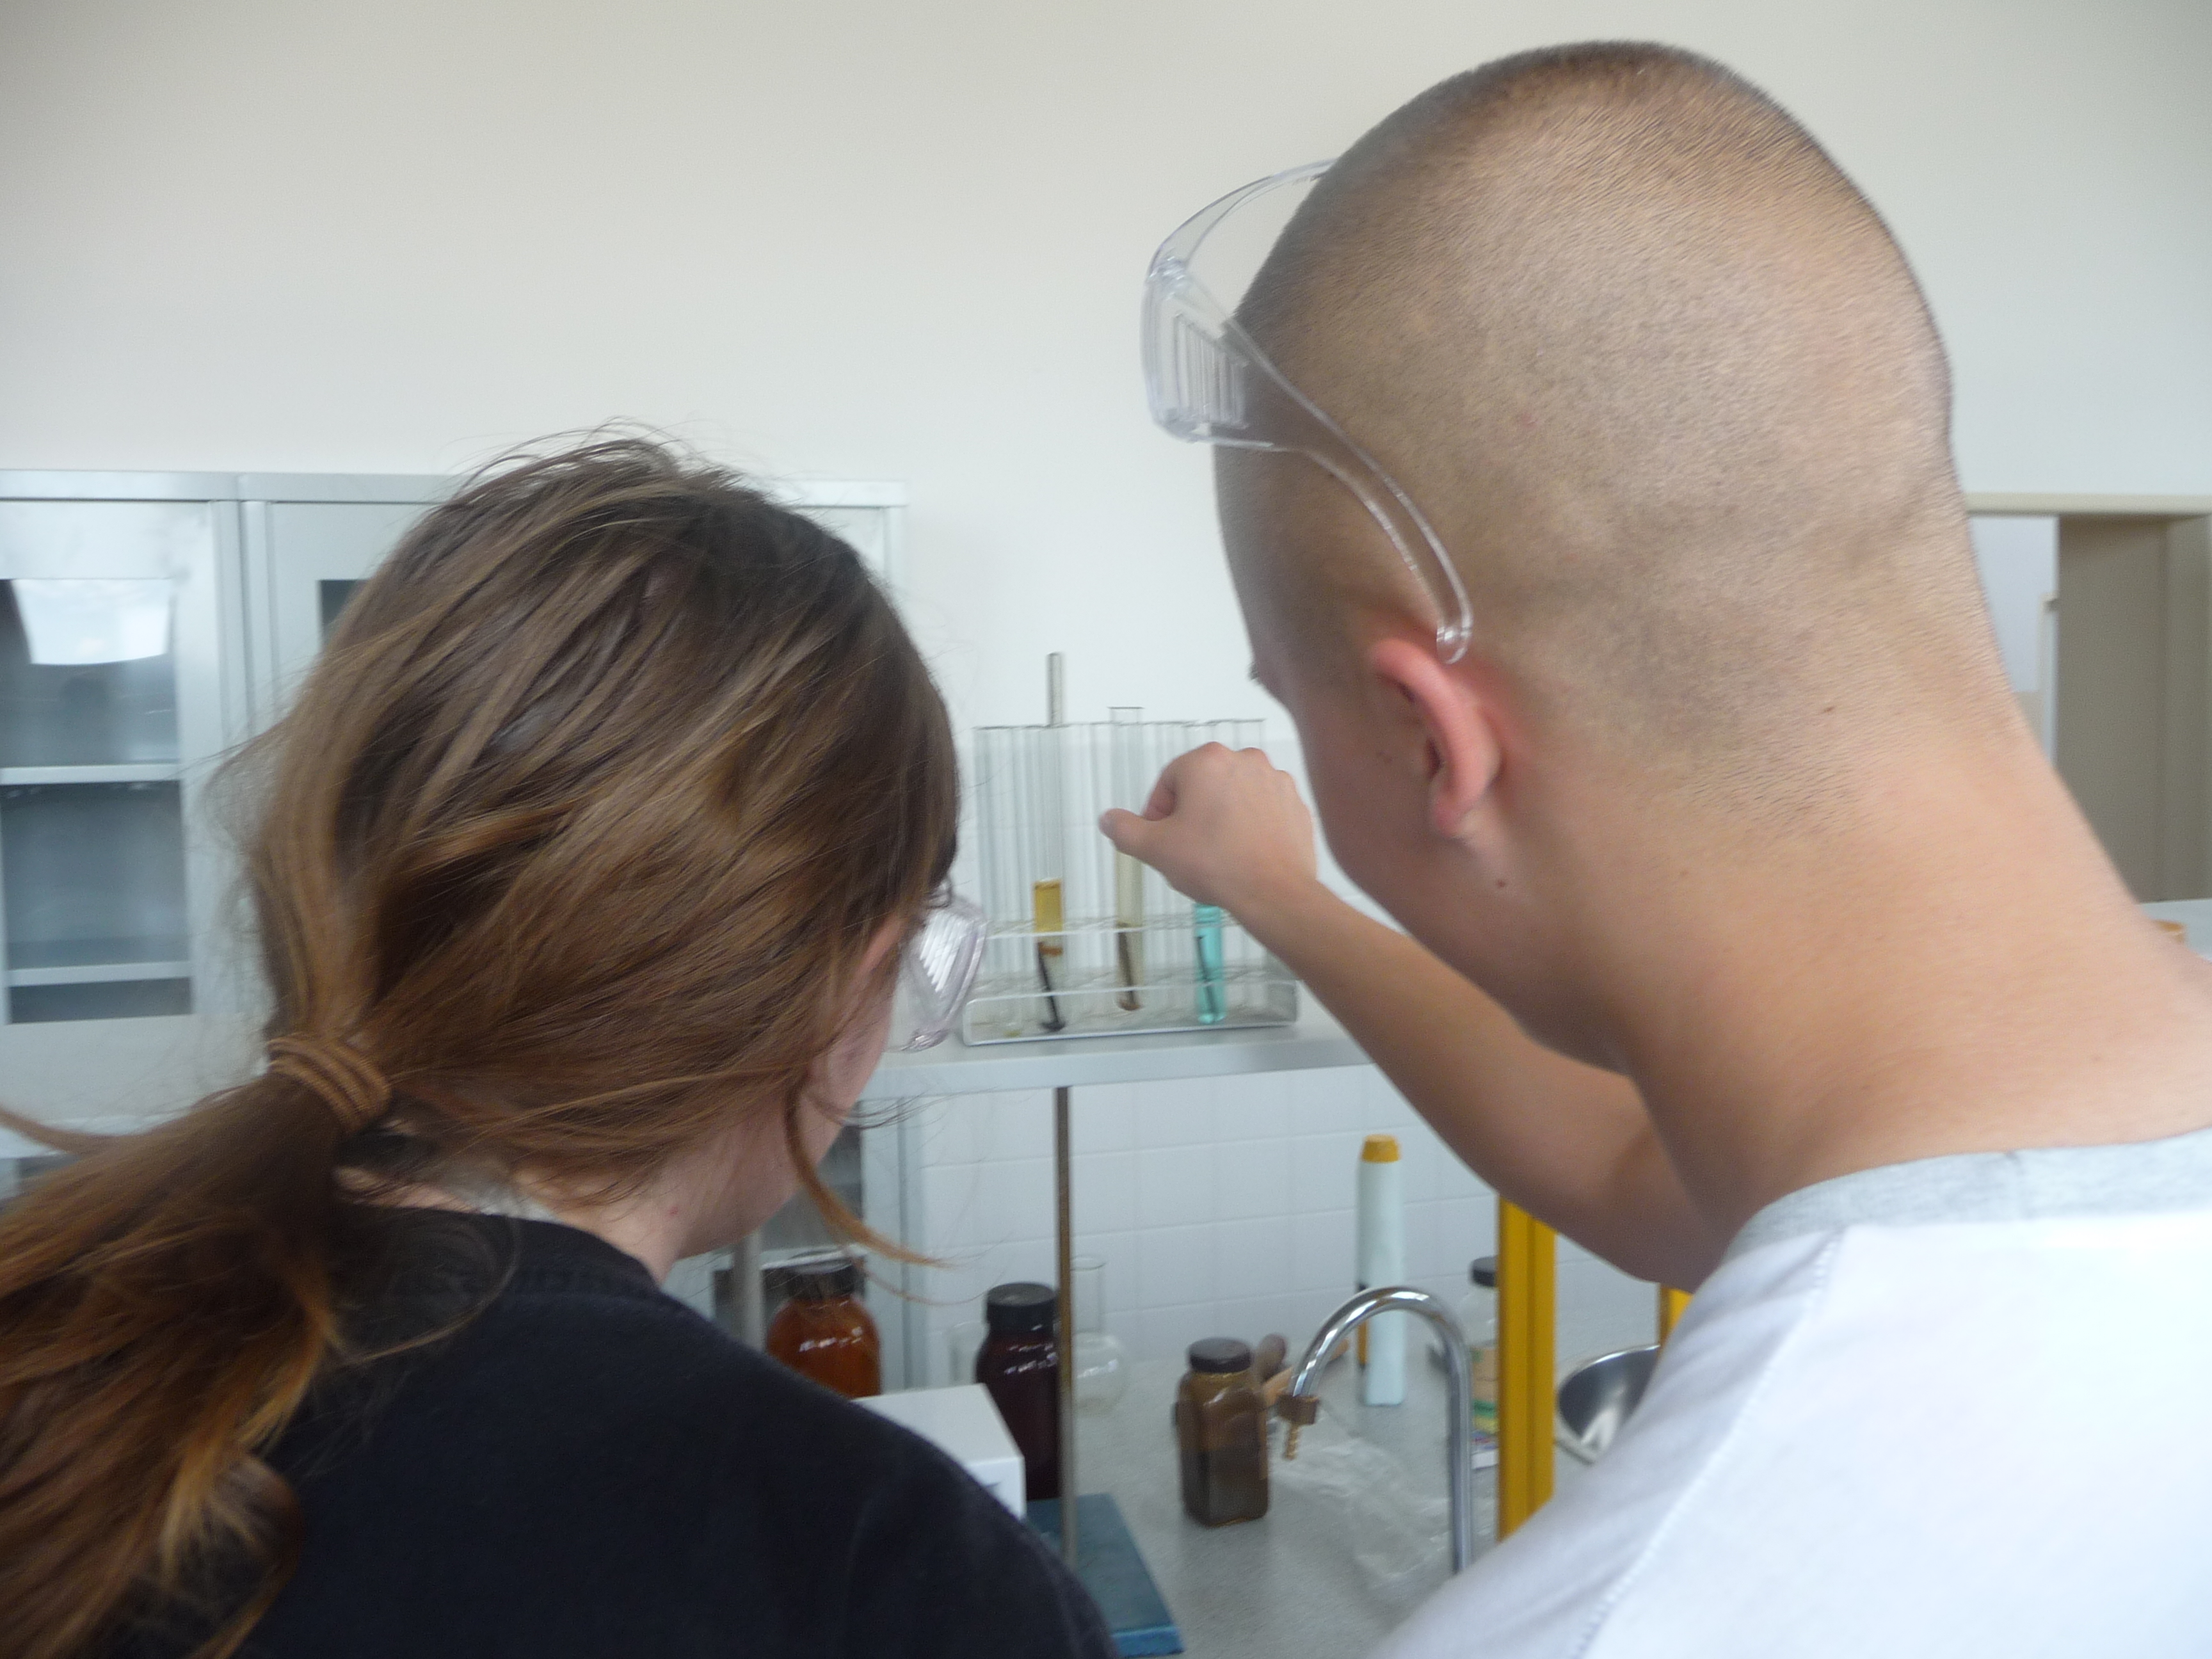 Práca v chemickom laboratóriu